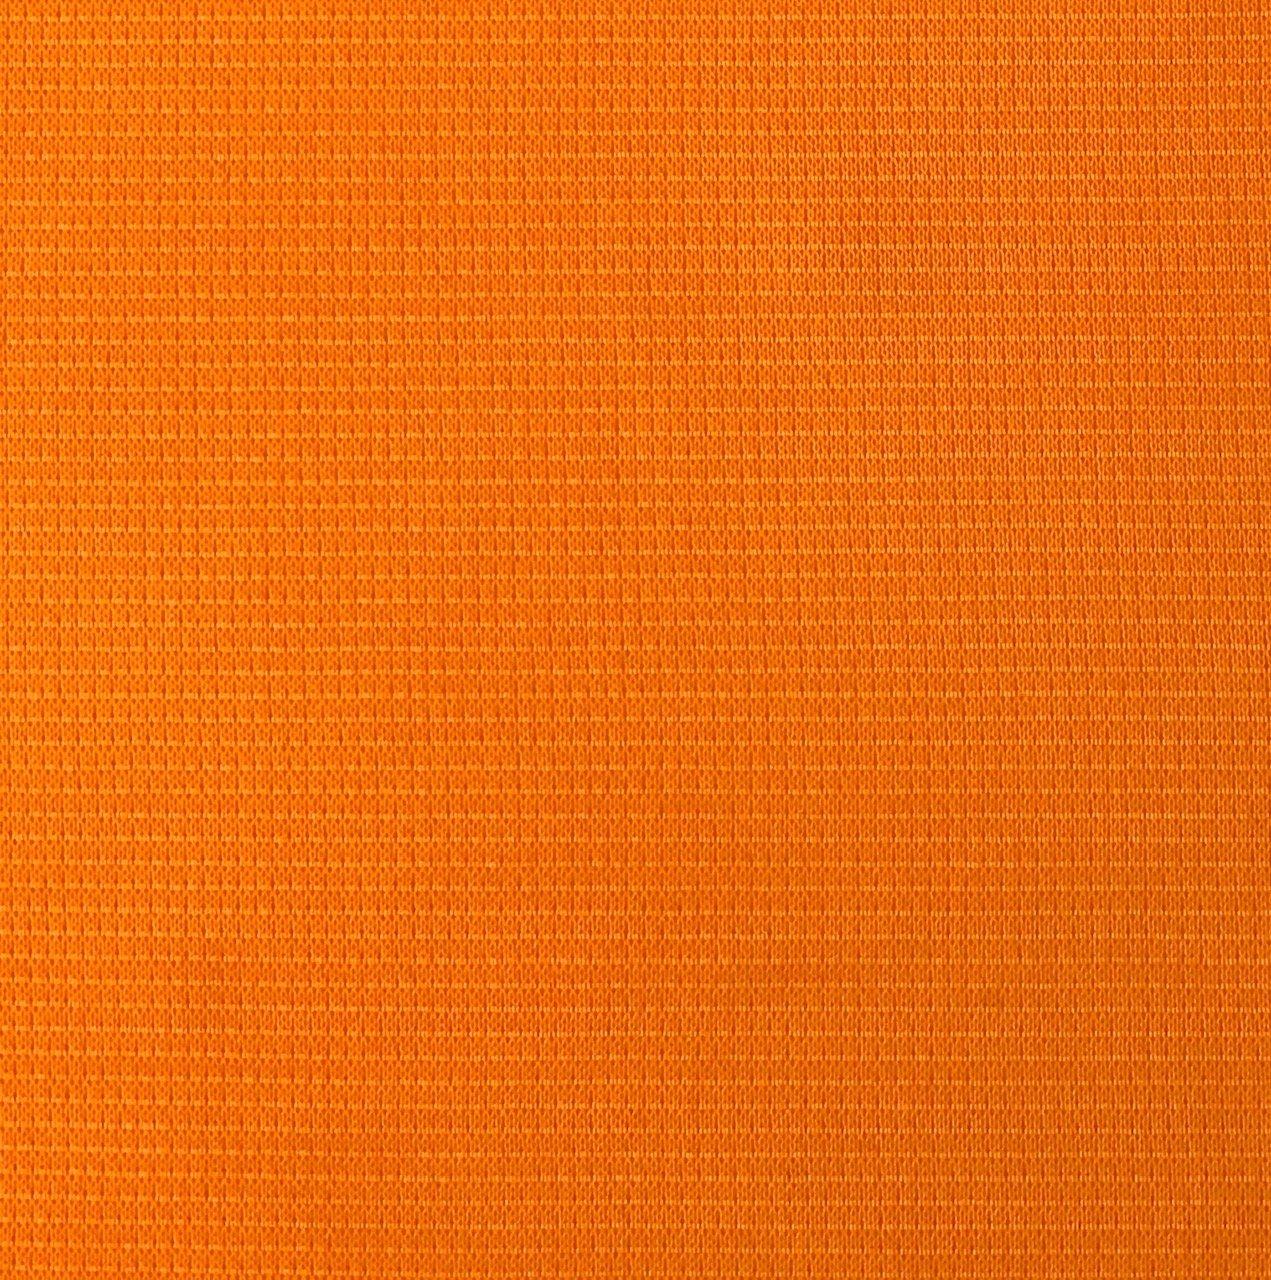 Wicking Mesh - Orange